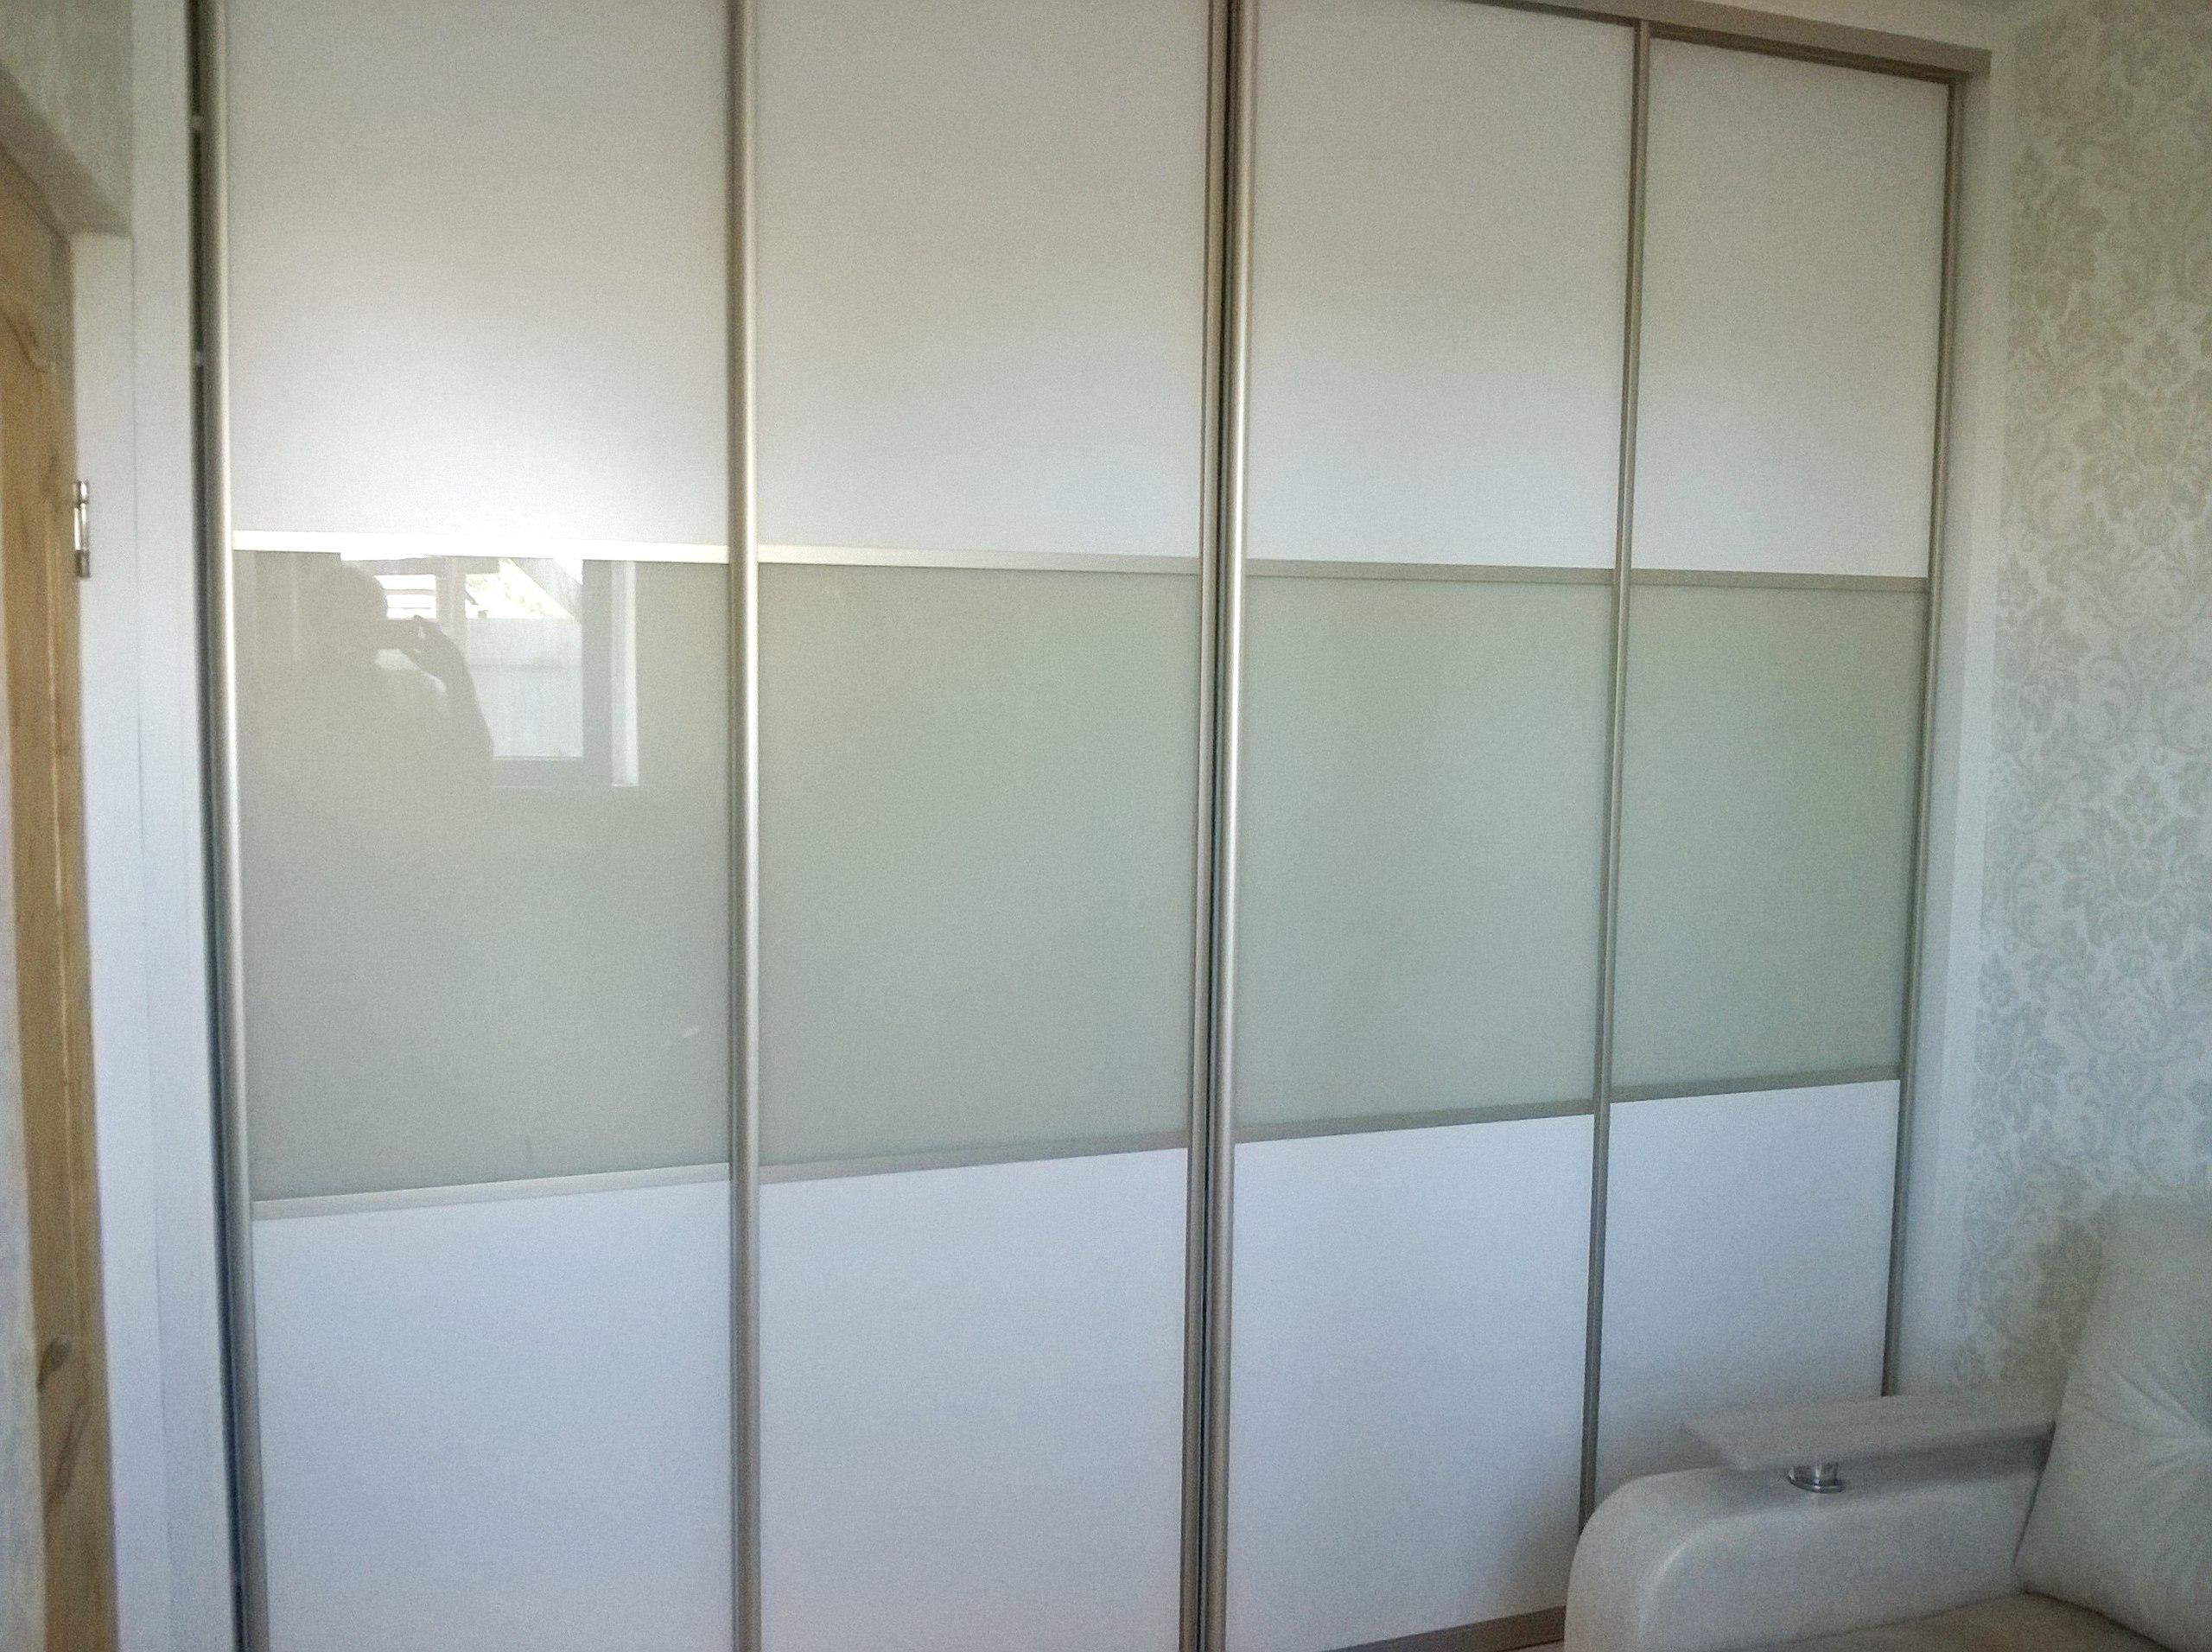 Строгие комбинированные двери из белого ЛДСП и бежевого стекла